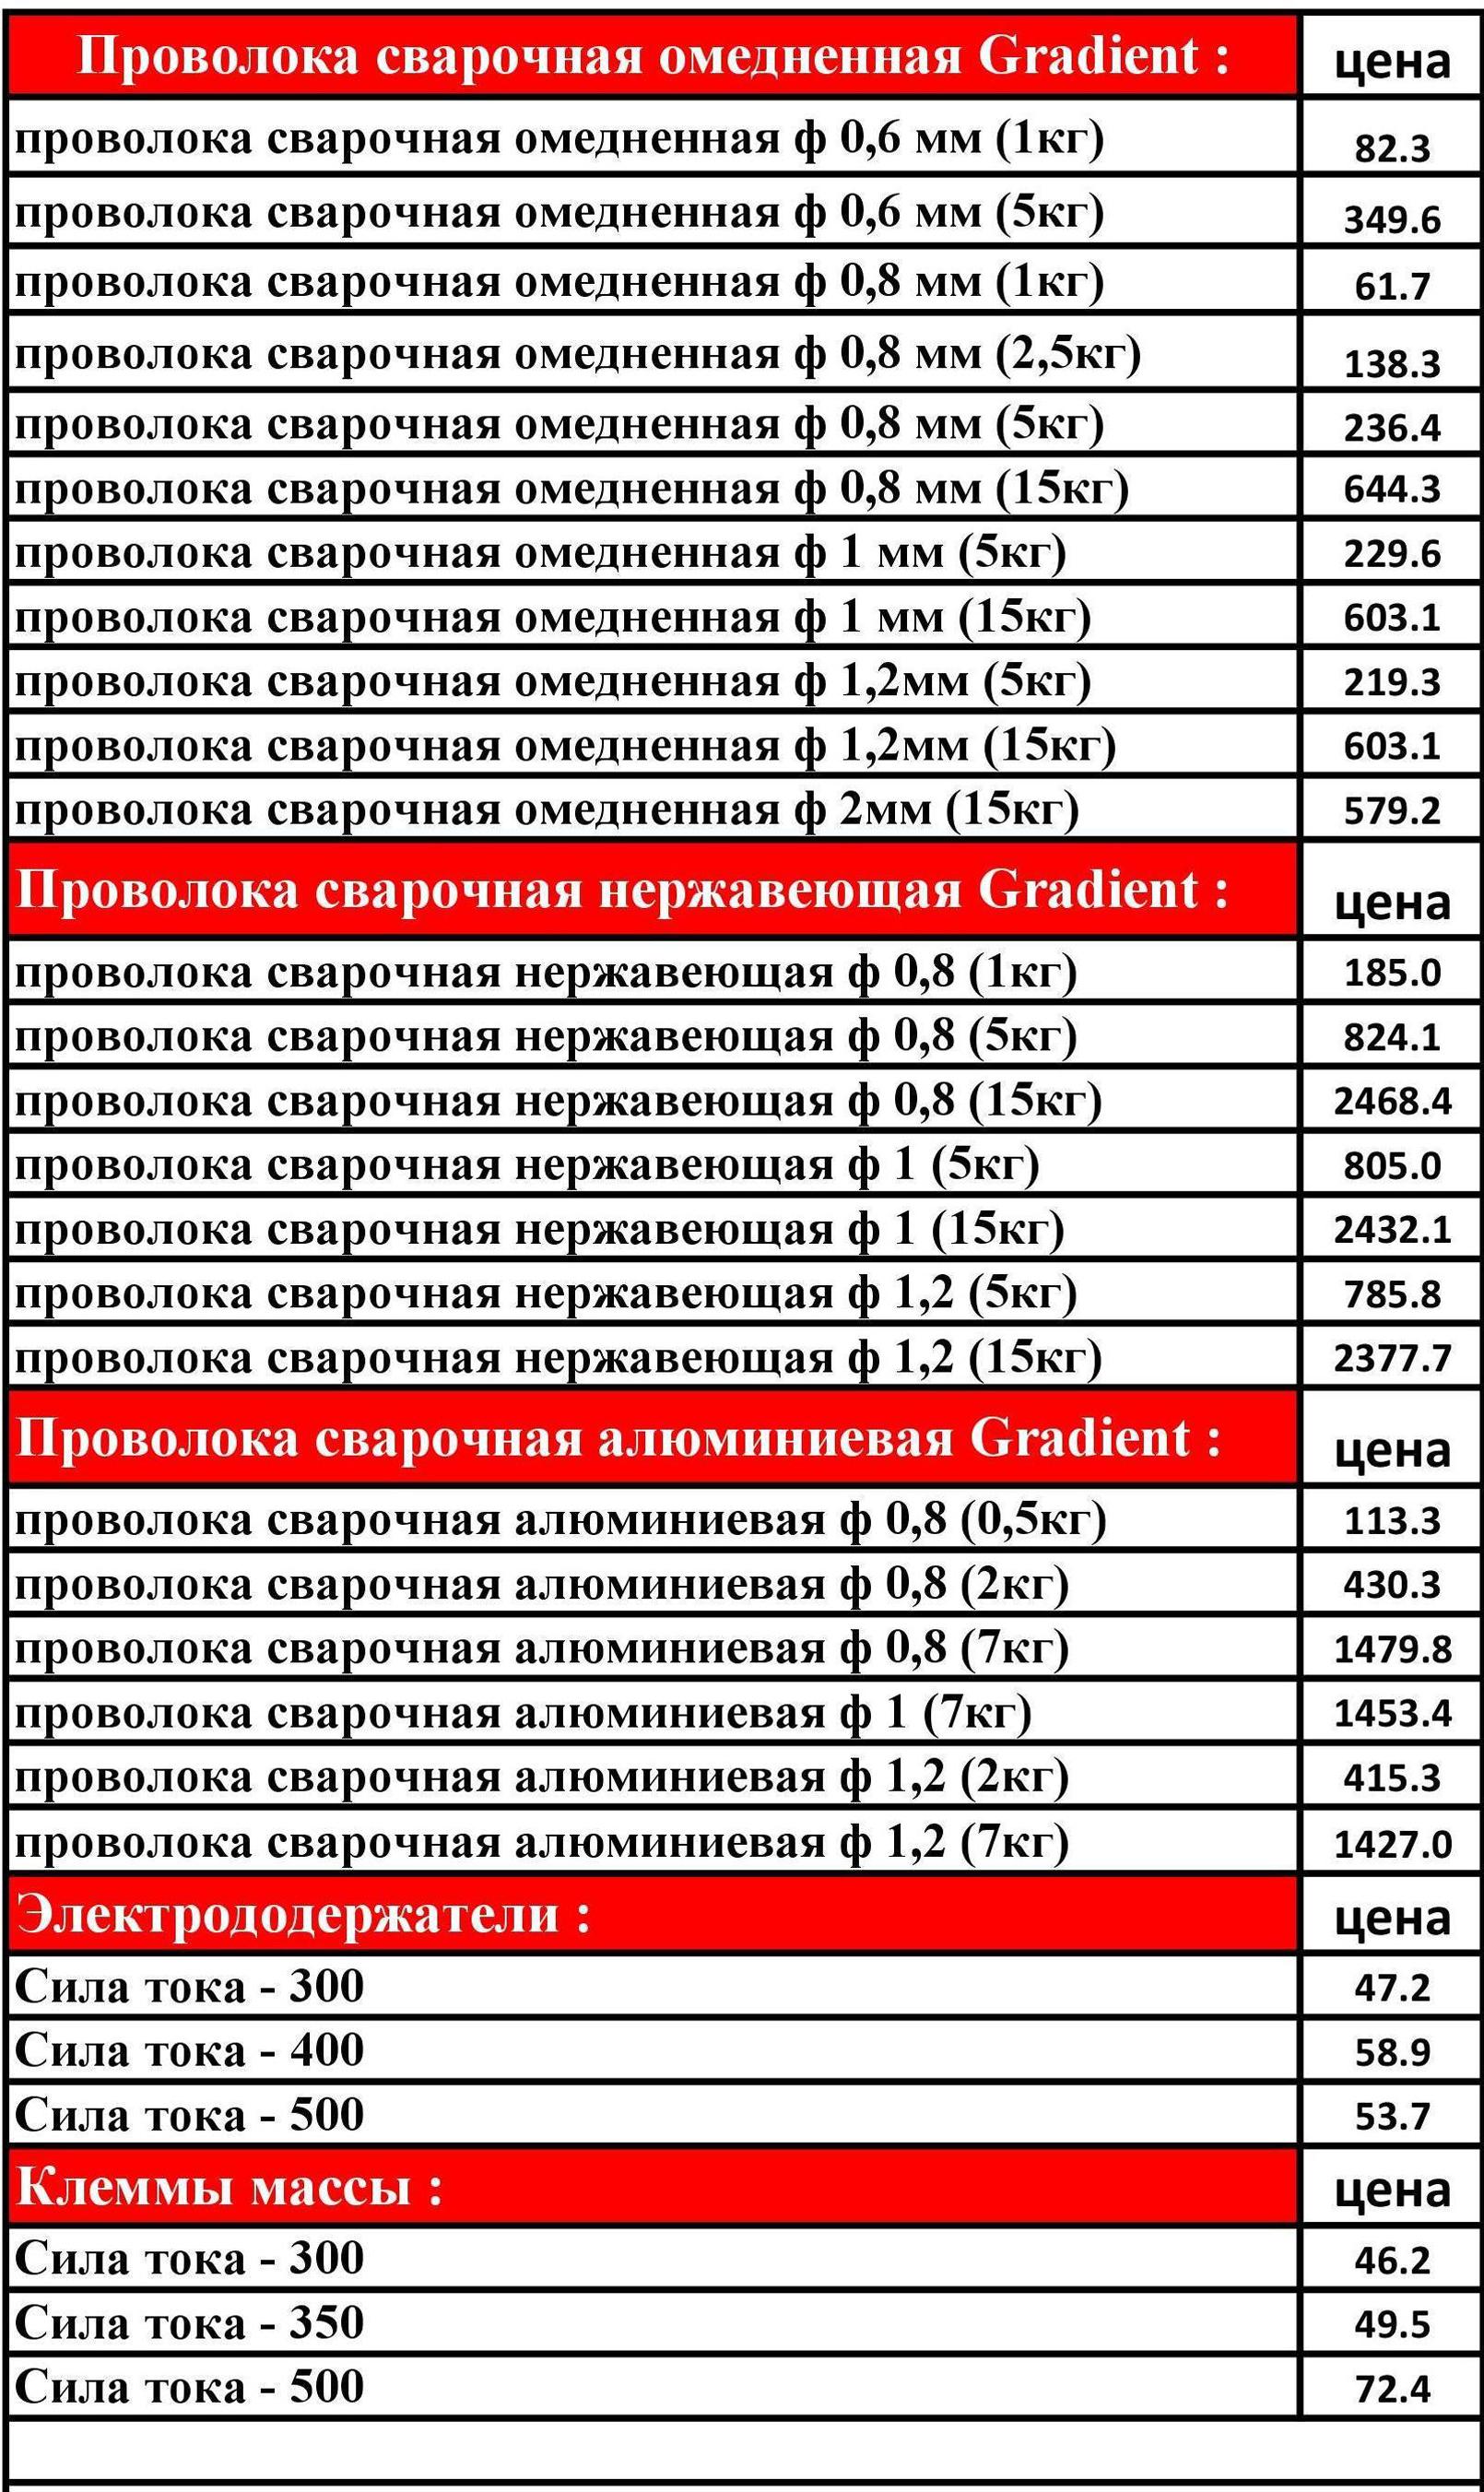 Сварочная проволока обмедненная ООО Автостройка